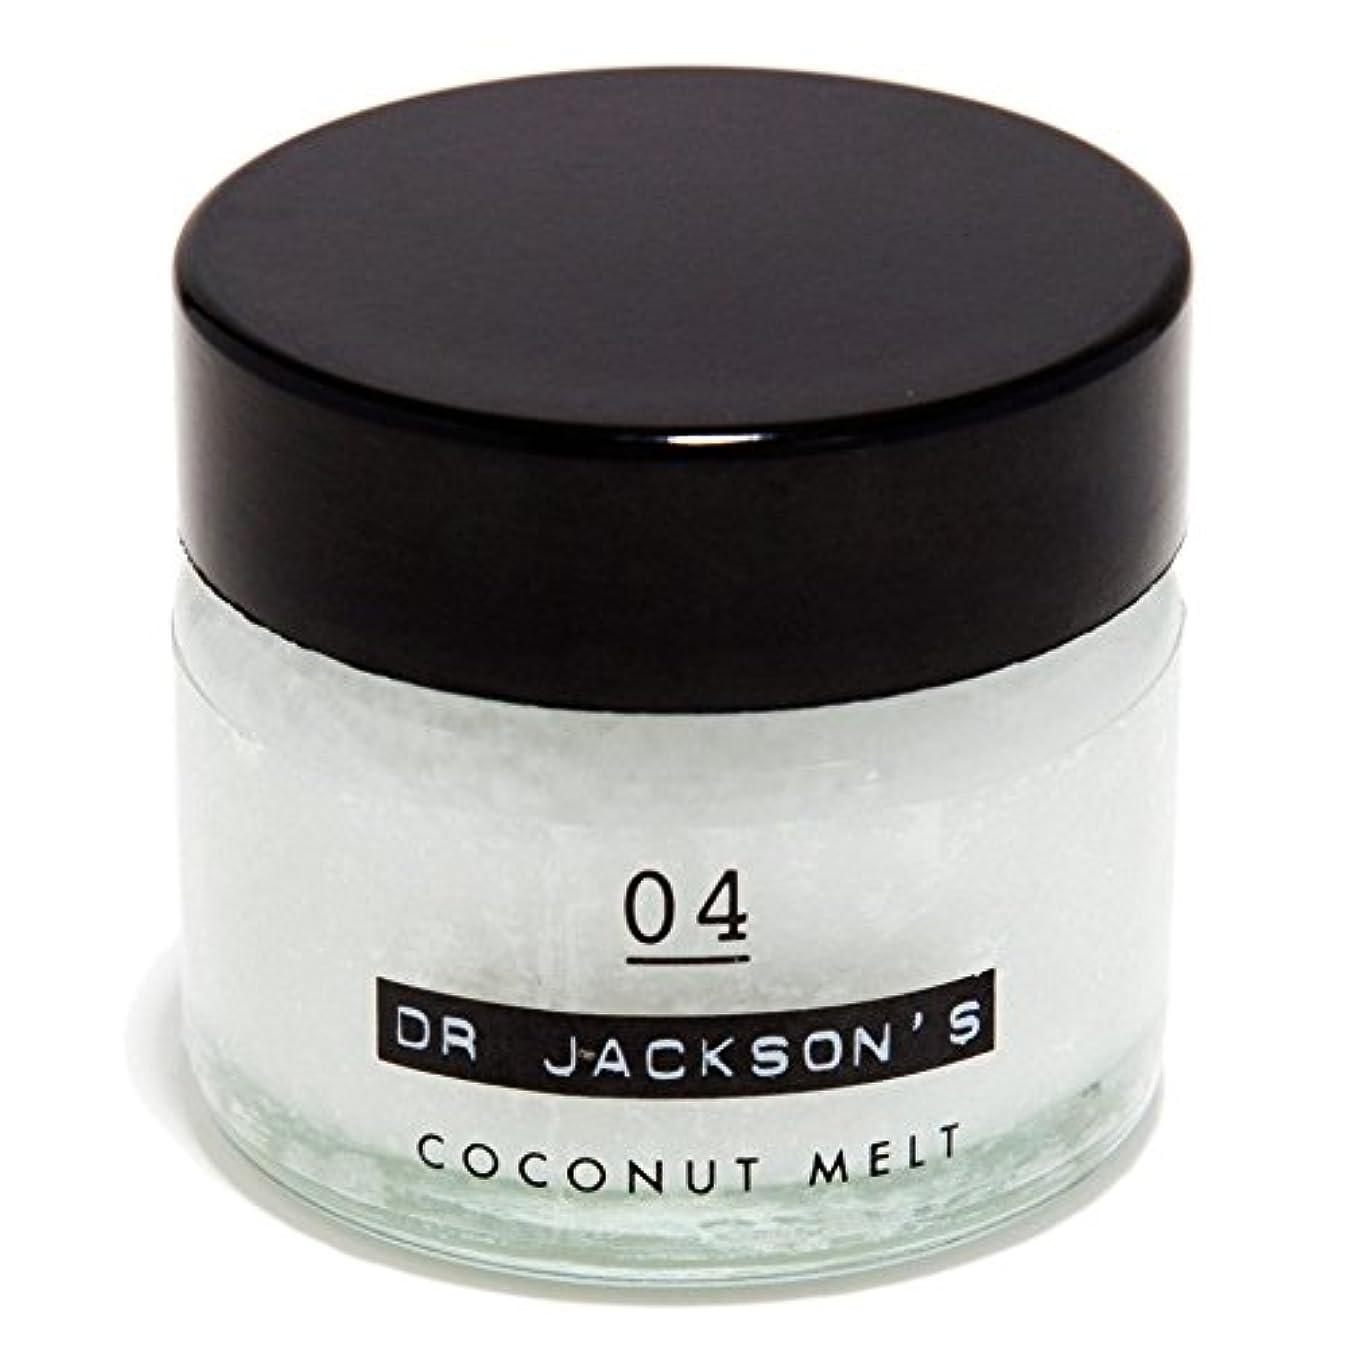 アイデア経過手伝うDr Jackson's 04 Coconut Melt 15ml - ジャクソンの04ココナッツメルト15ミリリットル [並行輸入品]